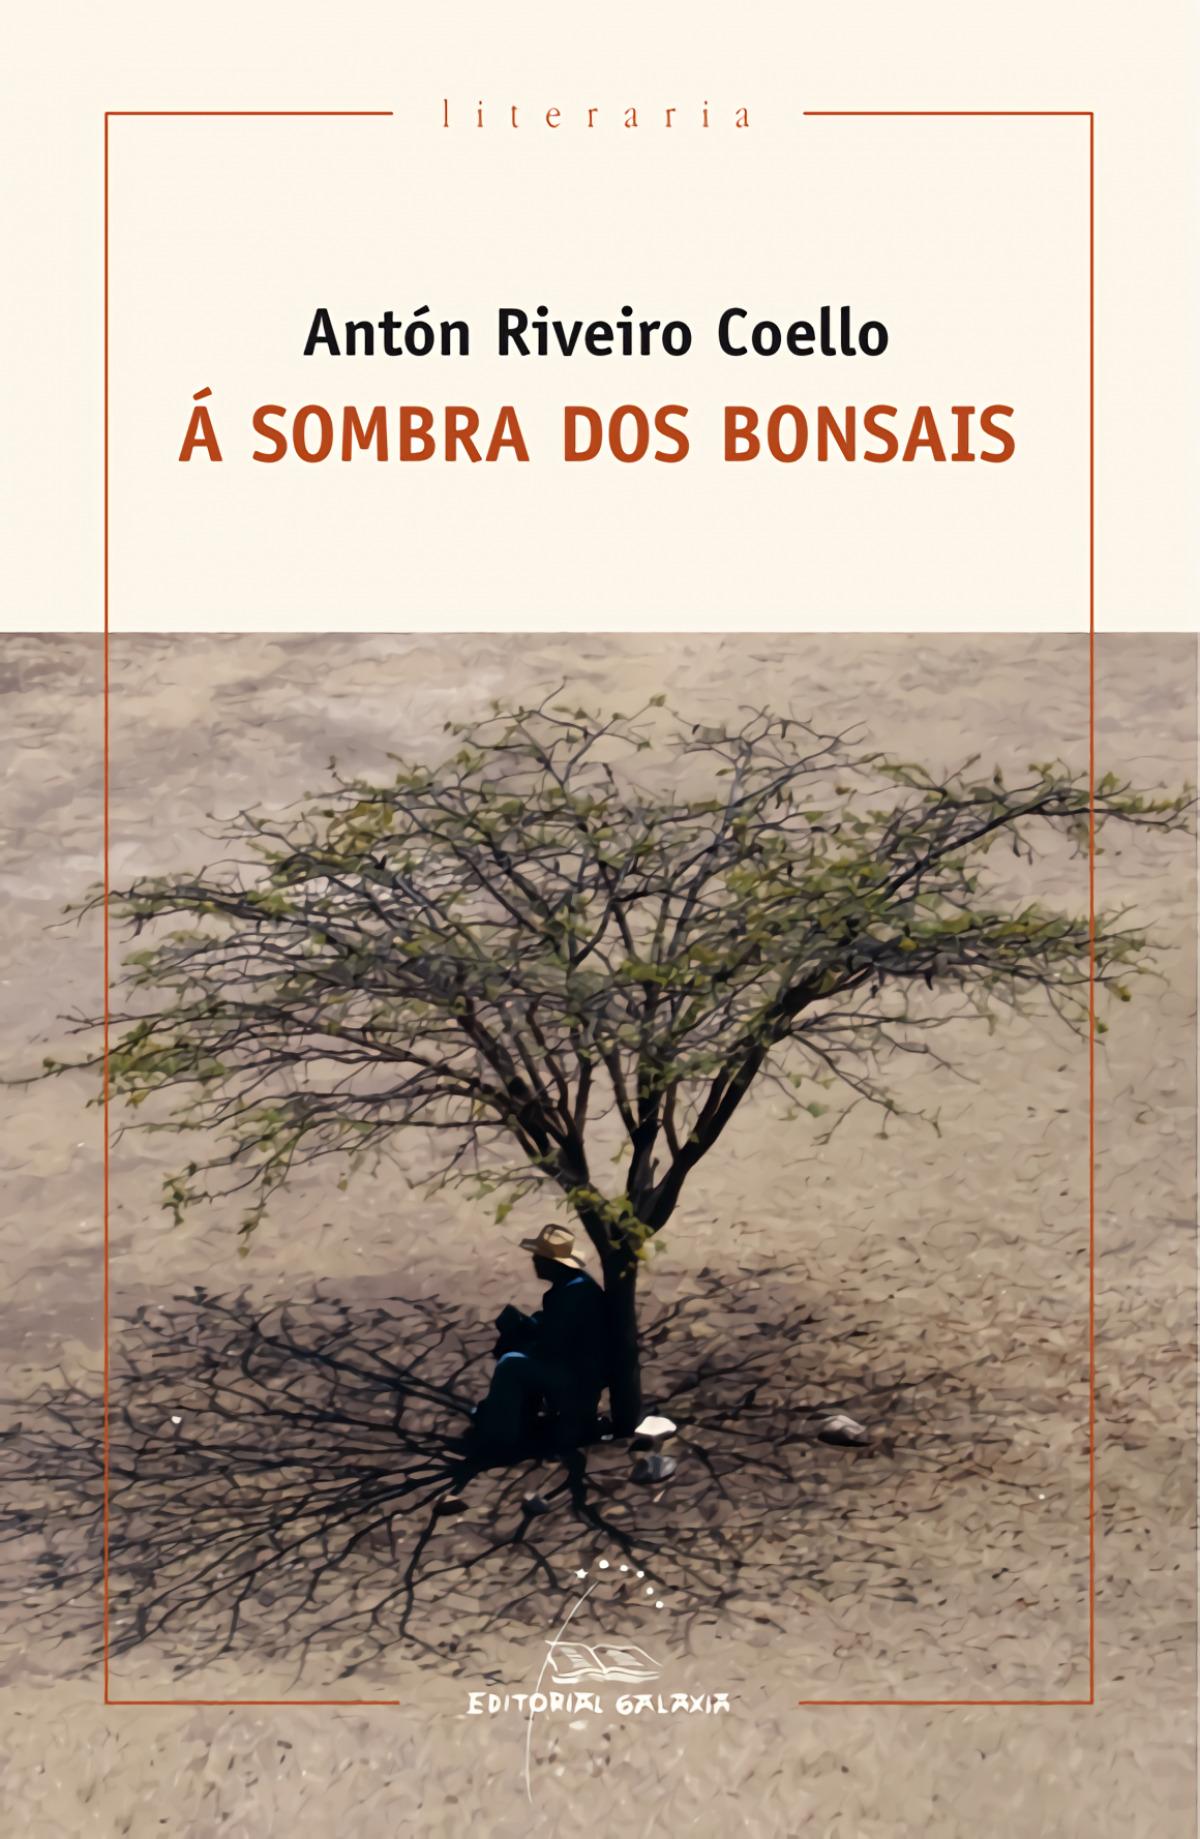 A SOMBRA DOS BONSAIS